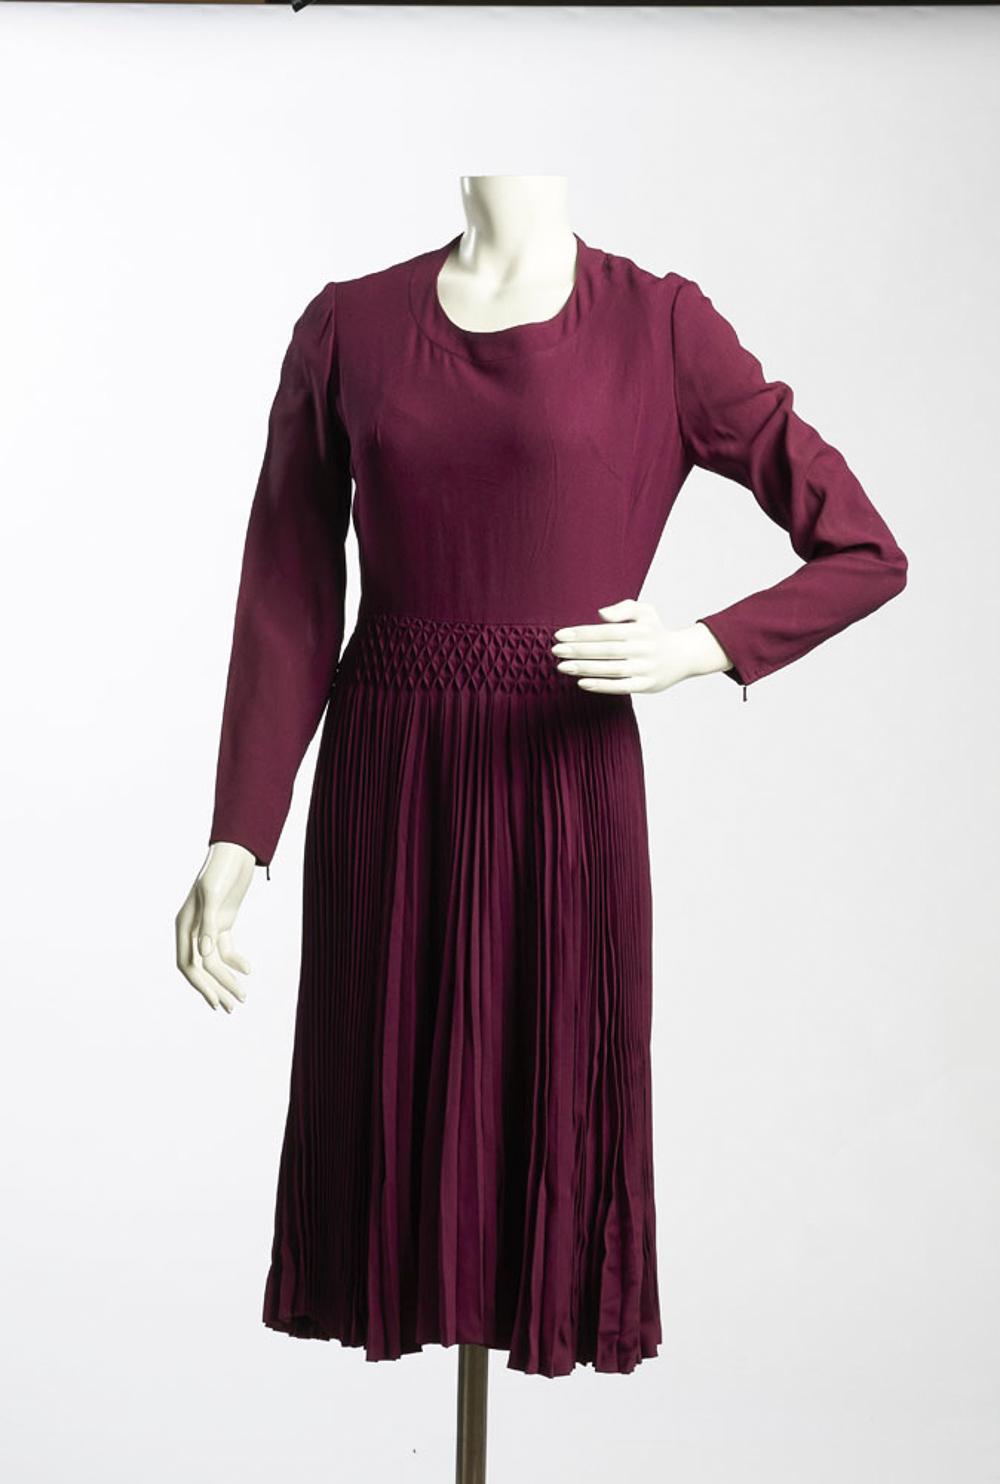 Long sleeve dress in purple fabric